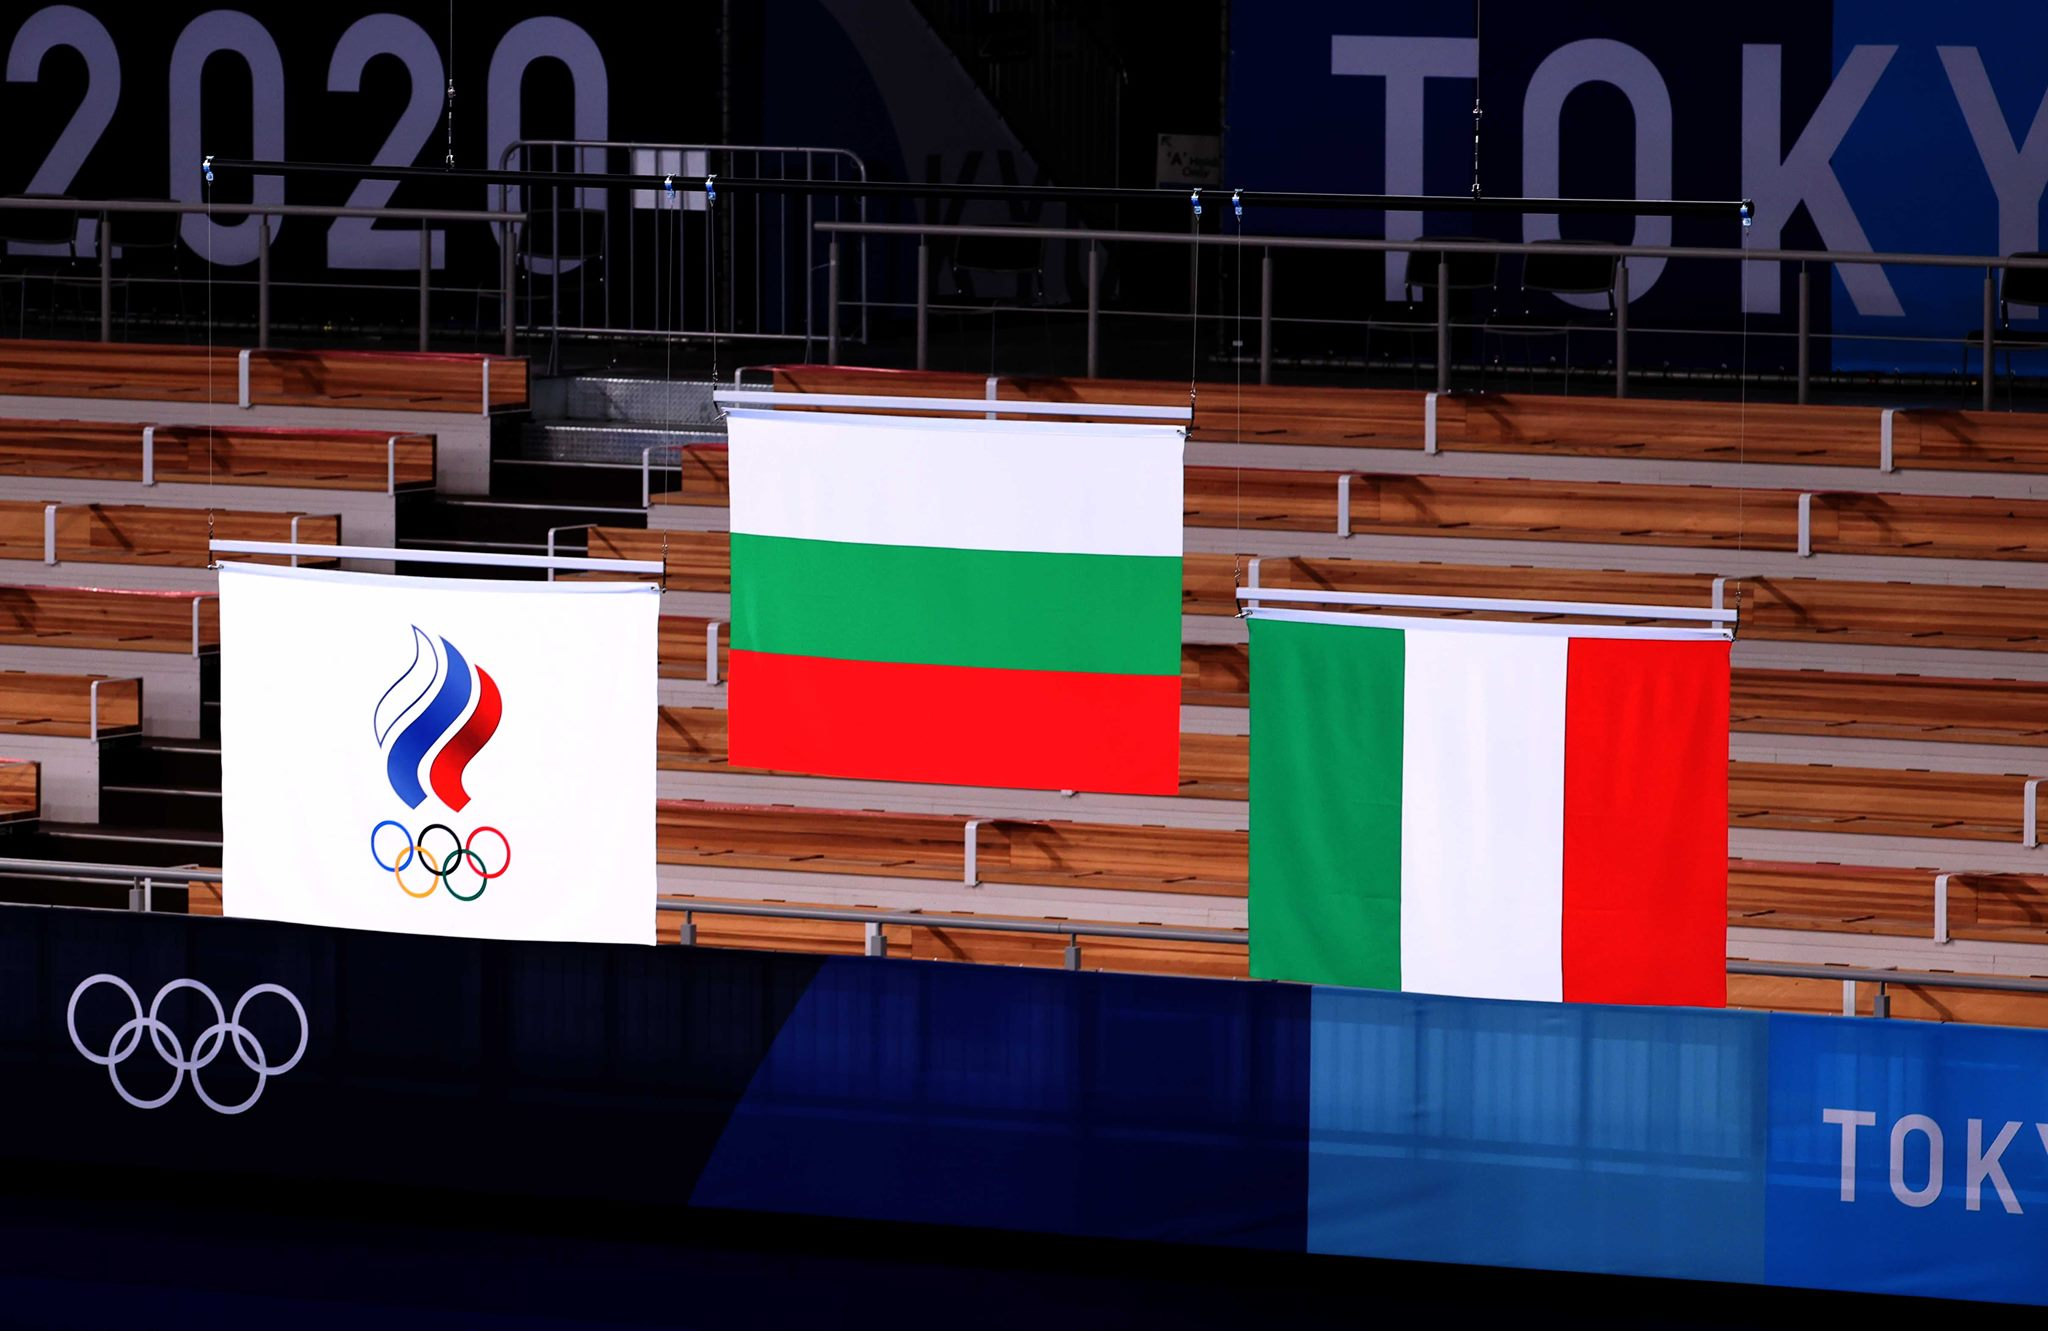 FIG със становище относно съдийстването на Олимпиадата в Токио